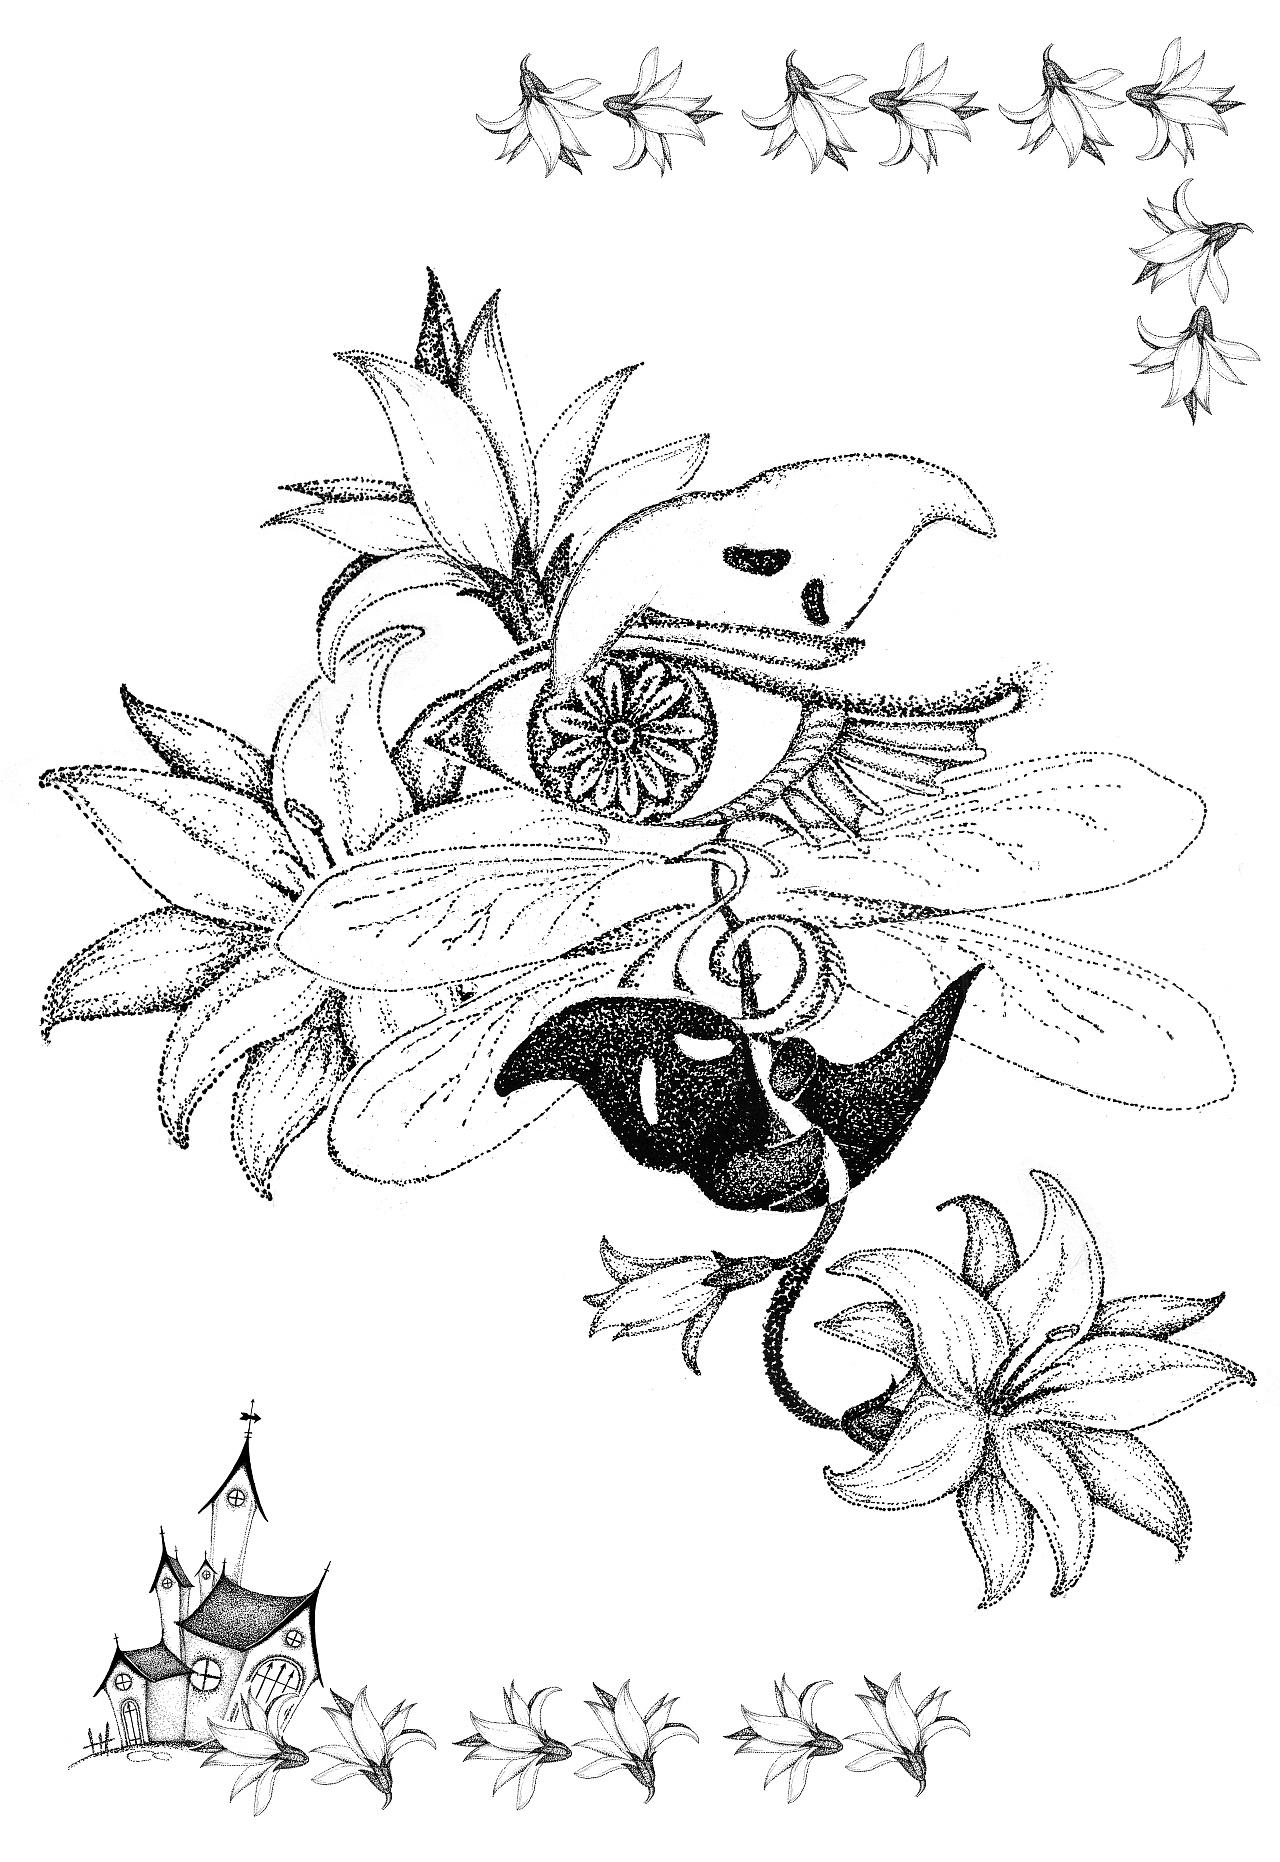 手绘插画| 黑白点阵|插画|涂鸦/潮流|griffin_x